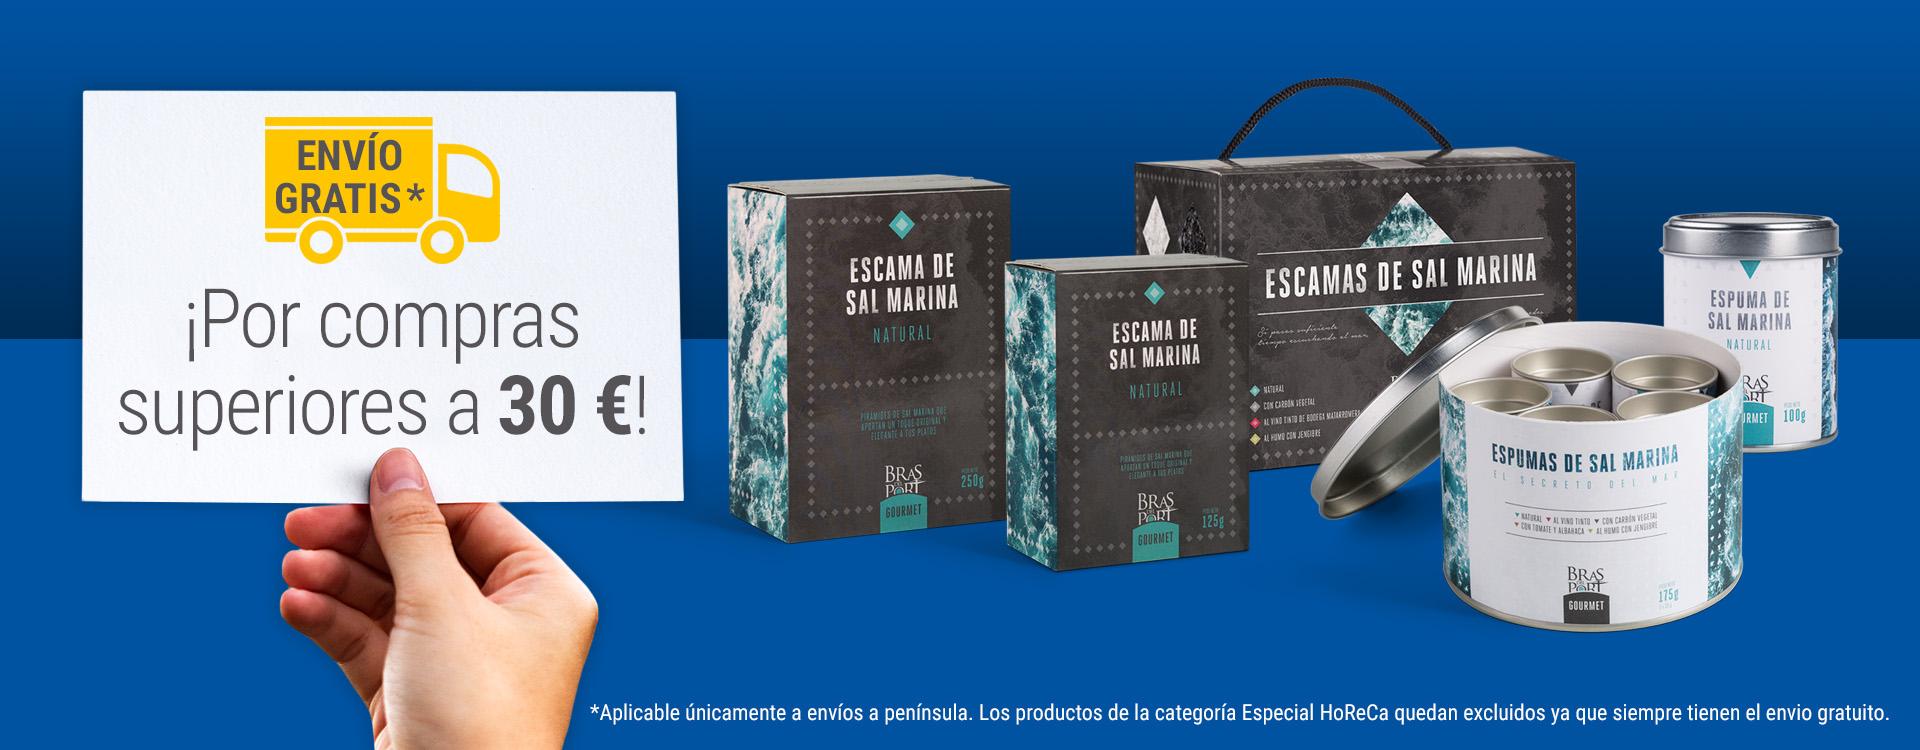 Promoción envío gratis por compras superiores a 30 €